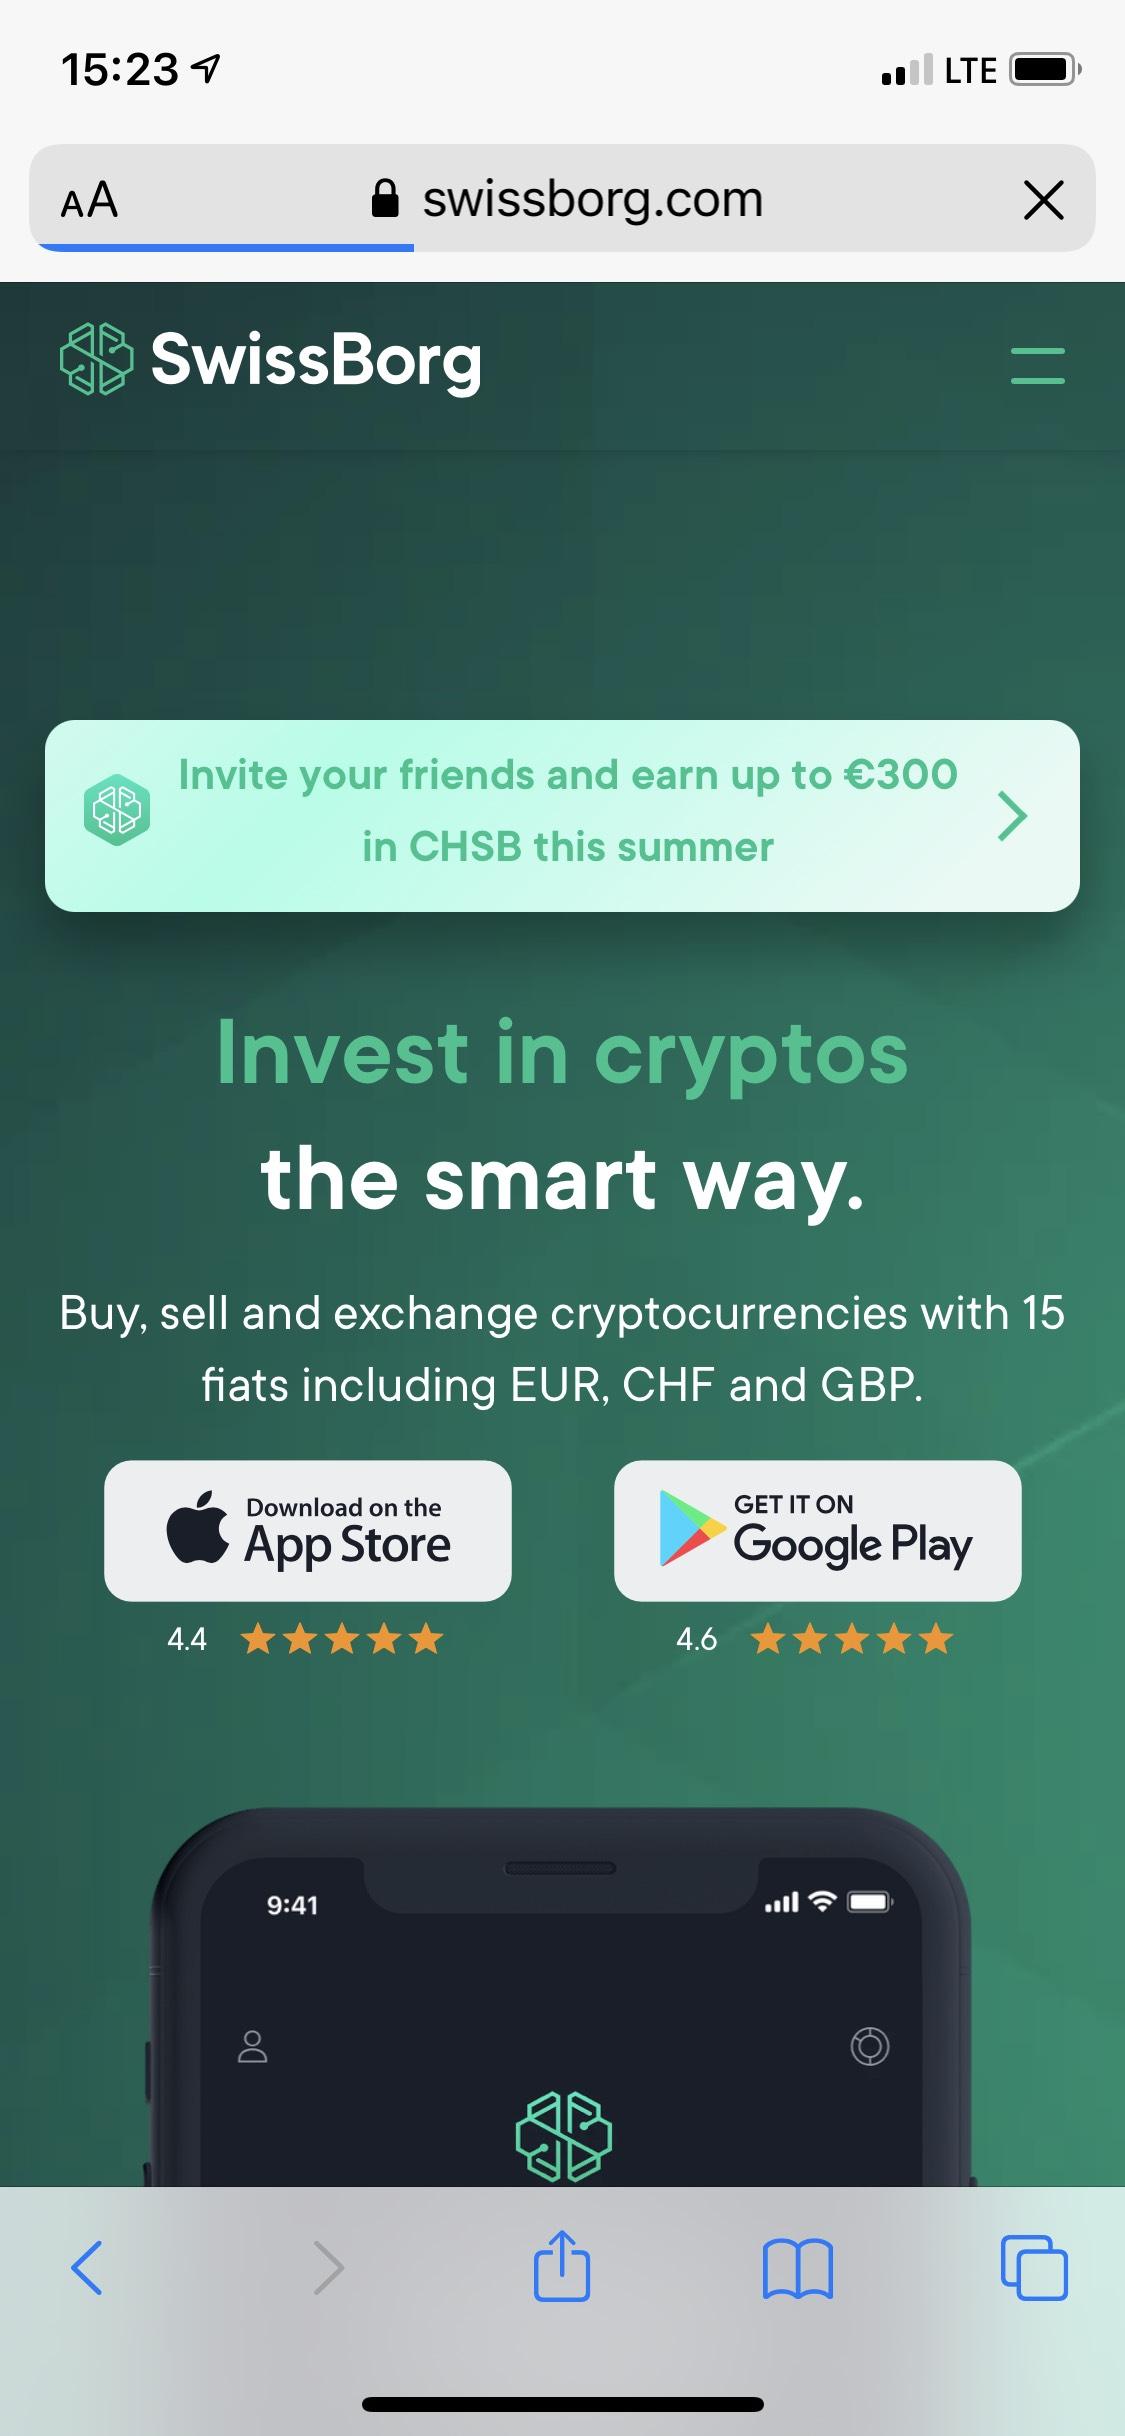 [crypto KwK] SwissBorg 3-300€ in CHSB bei 150€ Einzahlung für Werber und Geworbenen